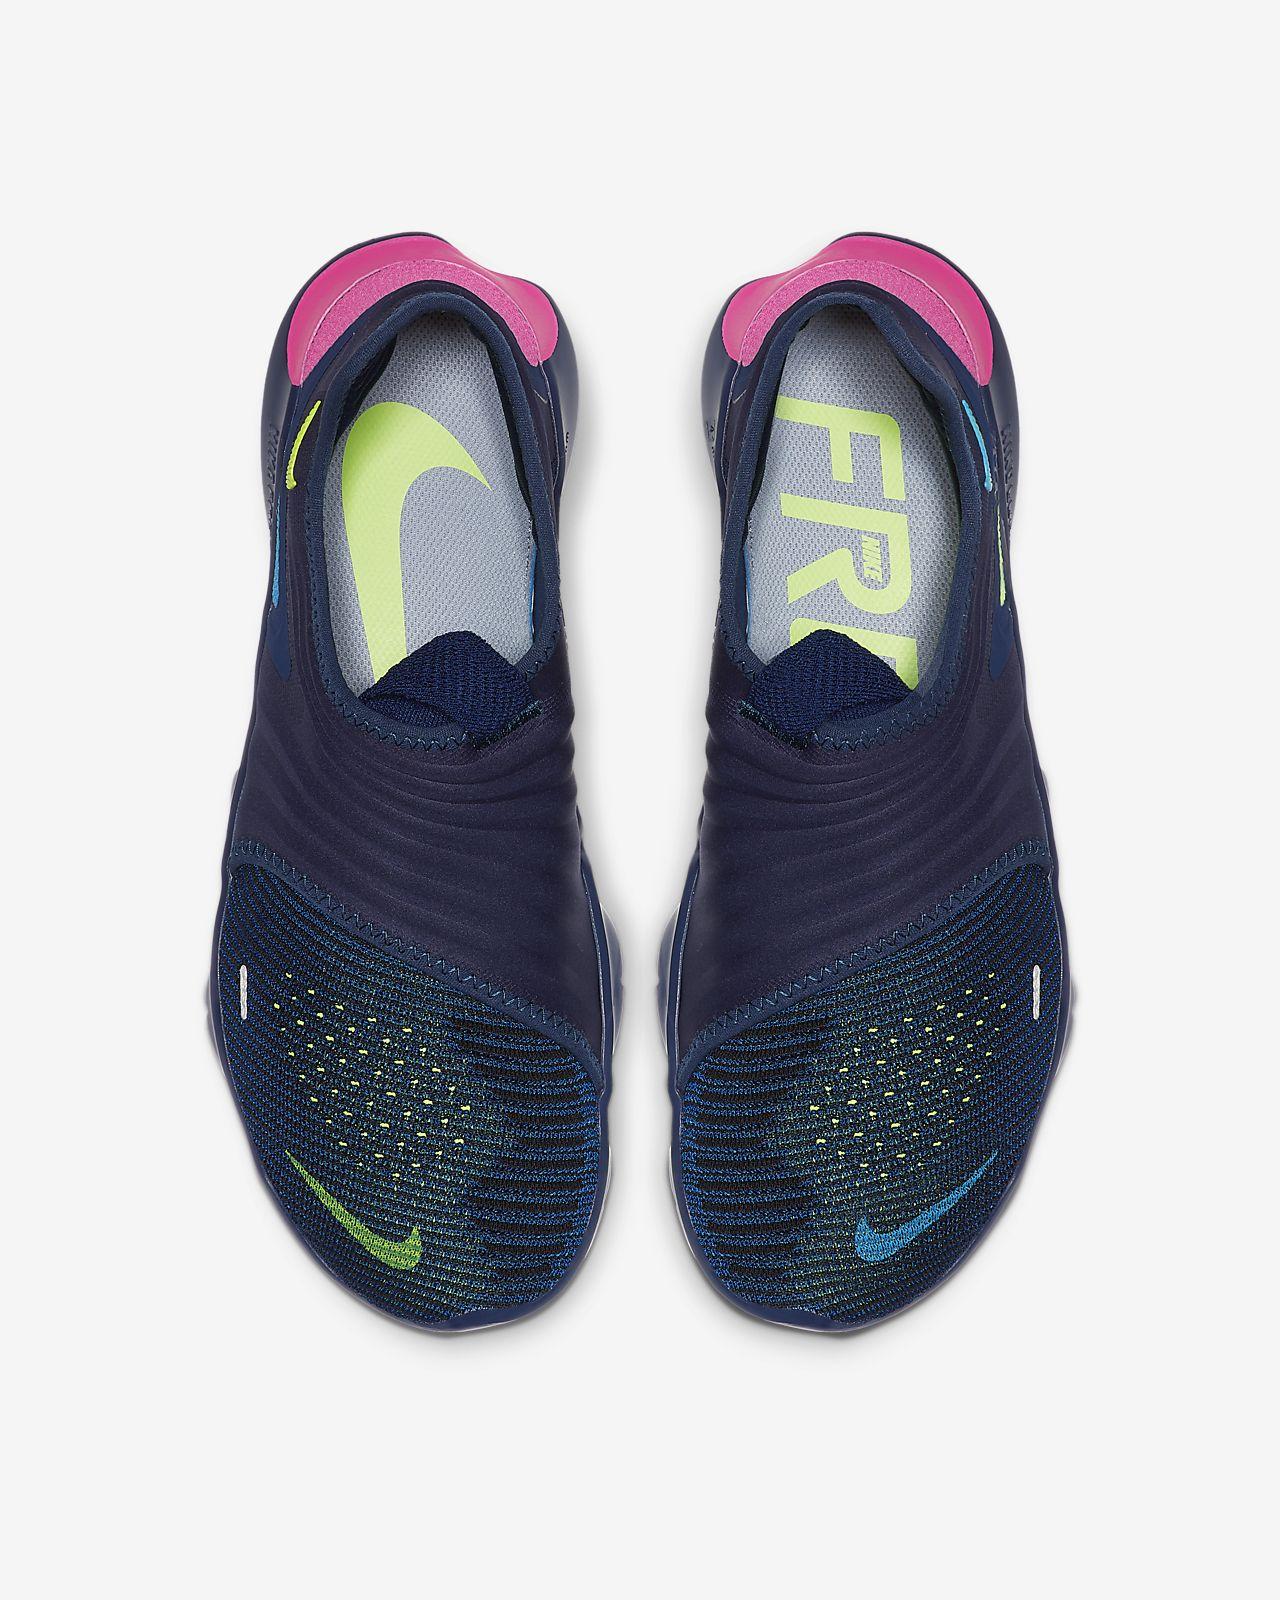 bedc5bbee5 Nike Free RN Flyknit 3.0 Men's Running Shoe. Nike.com BE